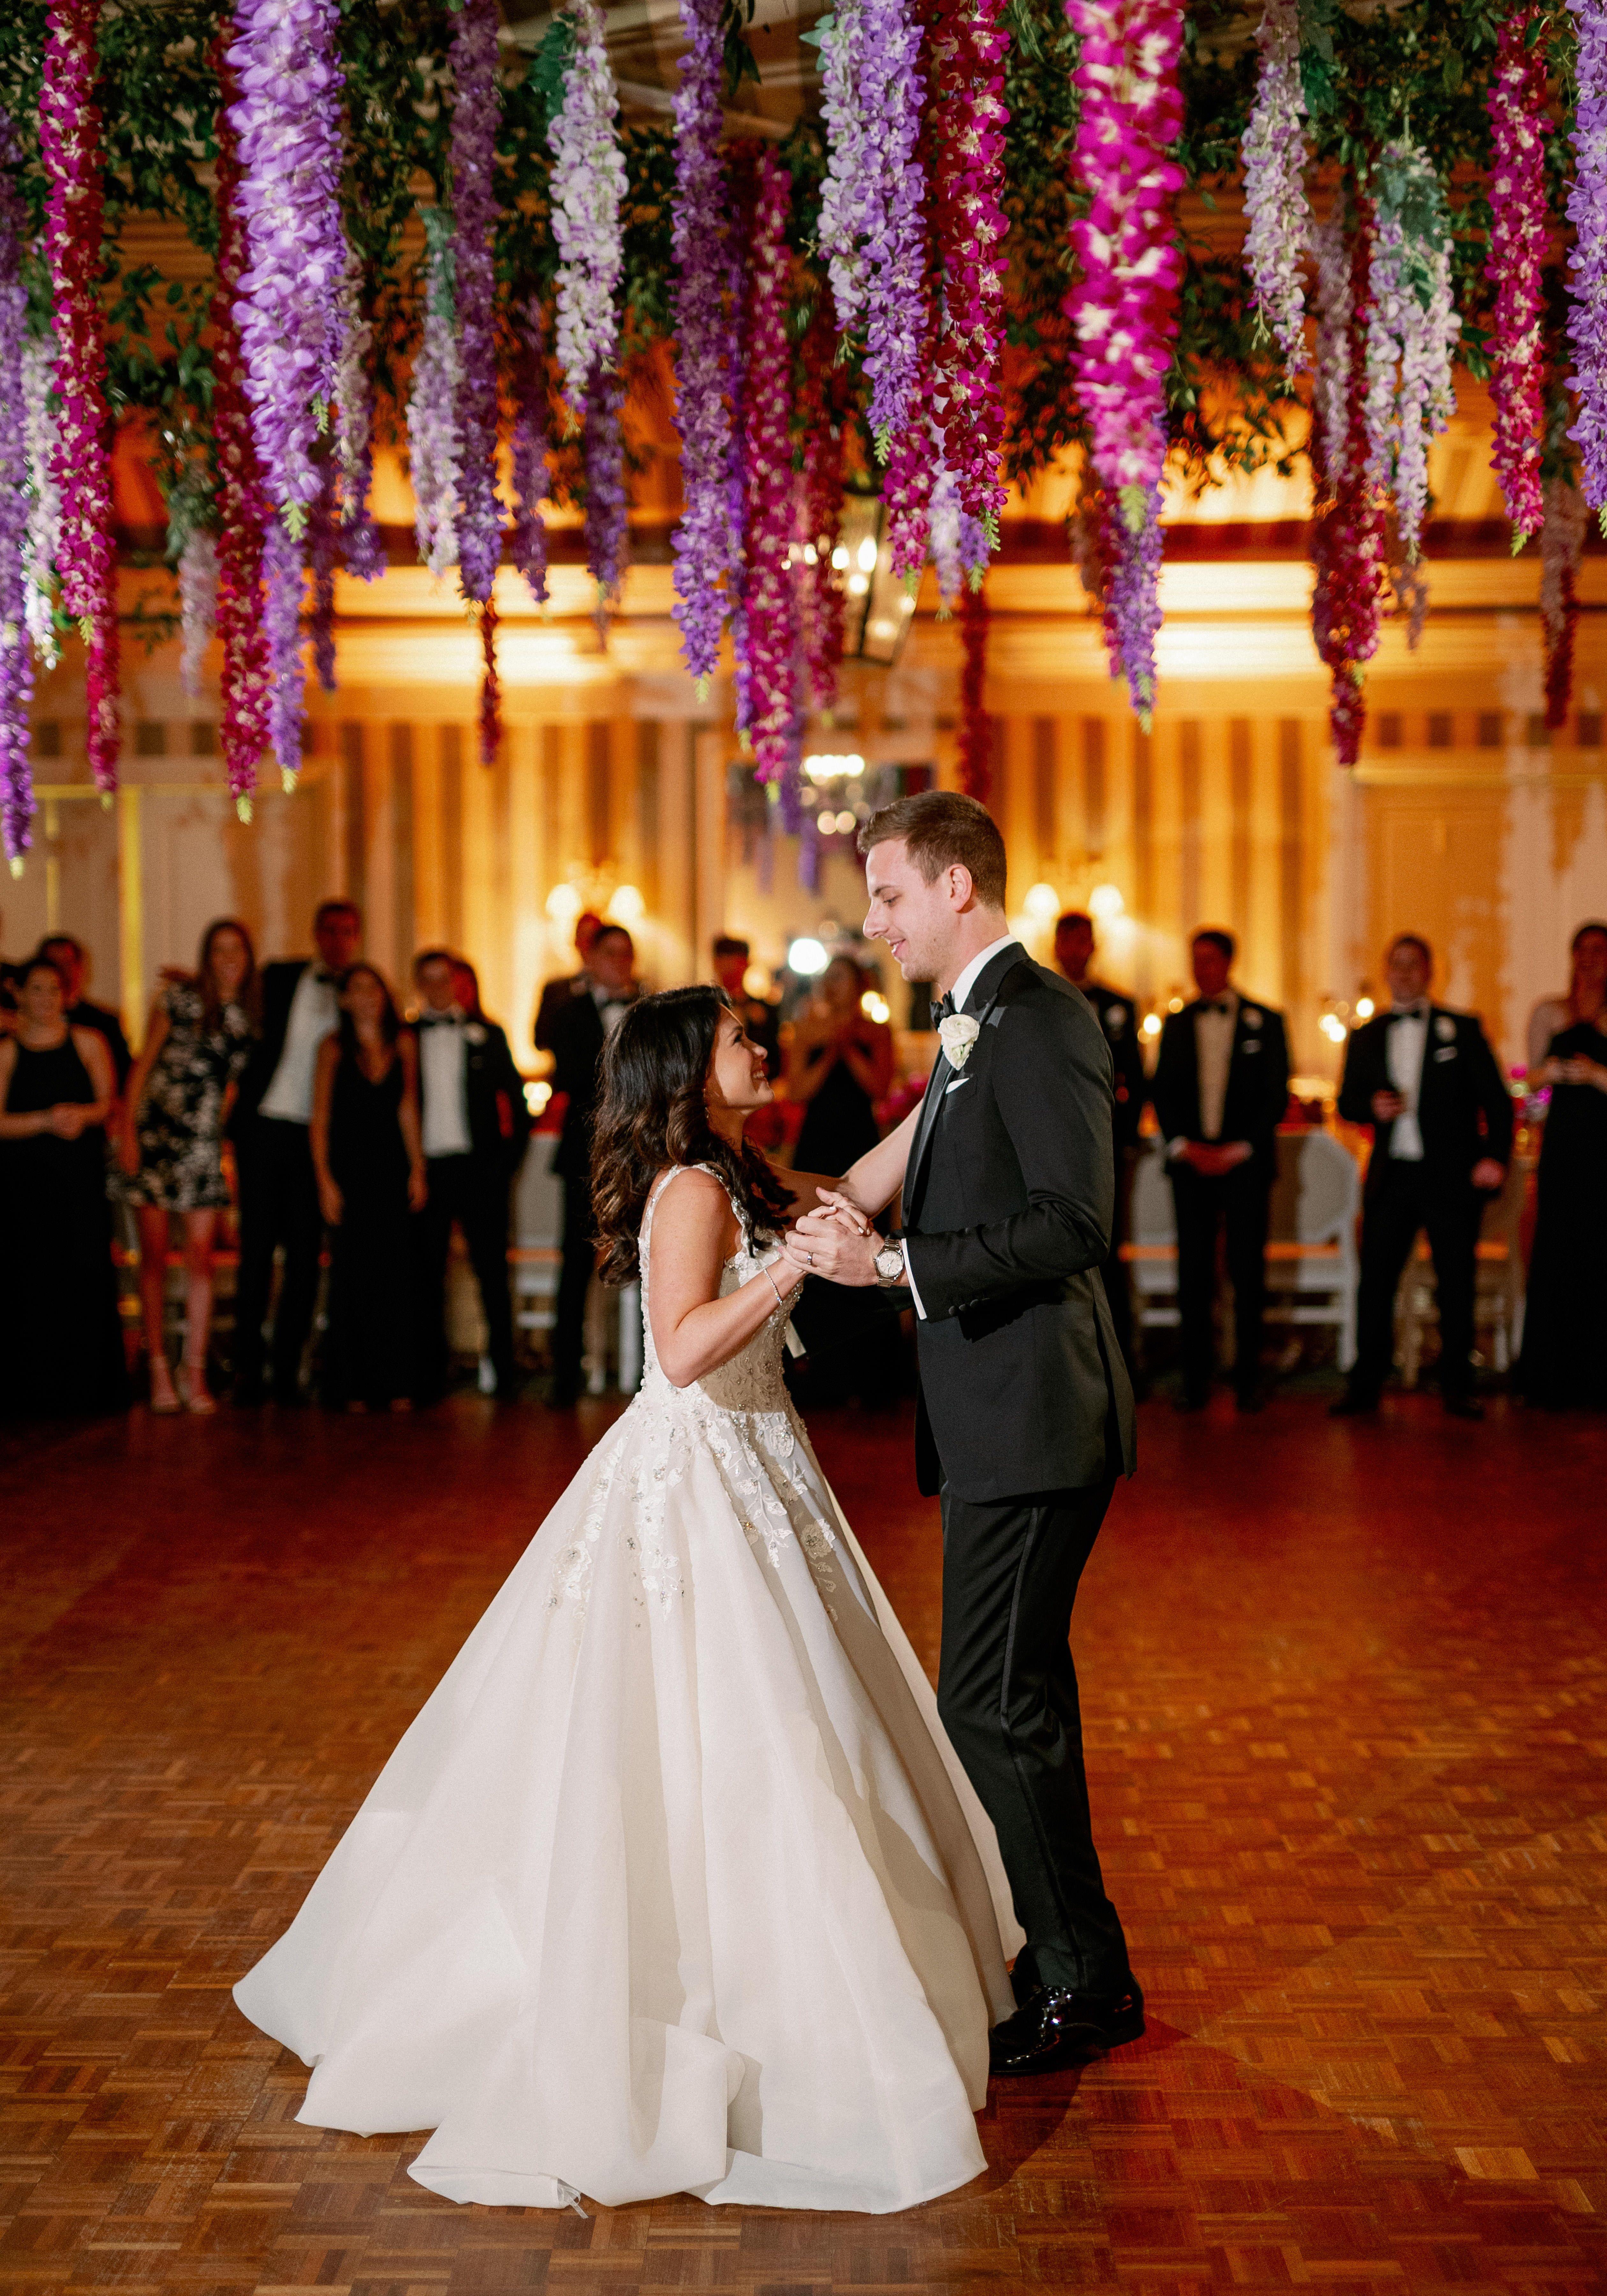 First Dance Photo In 2020 First Dance Photos Destination Wedding Planner Wedding